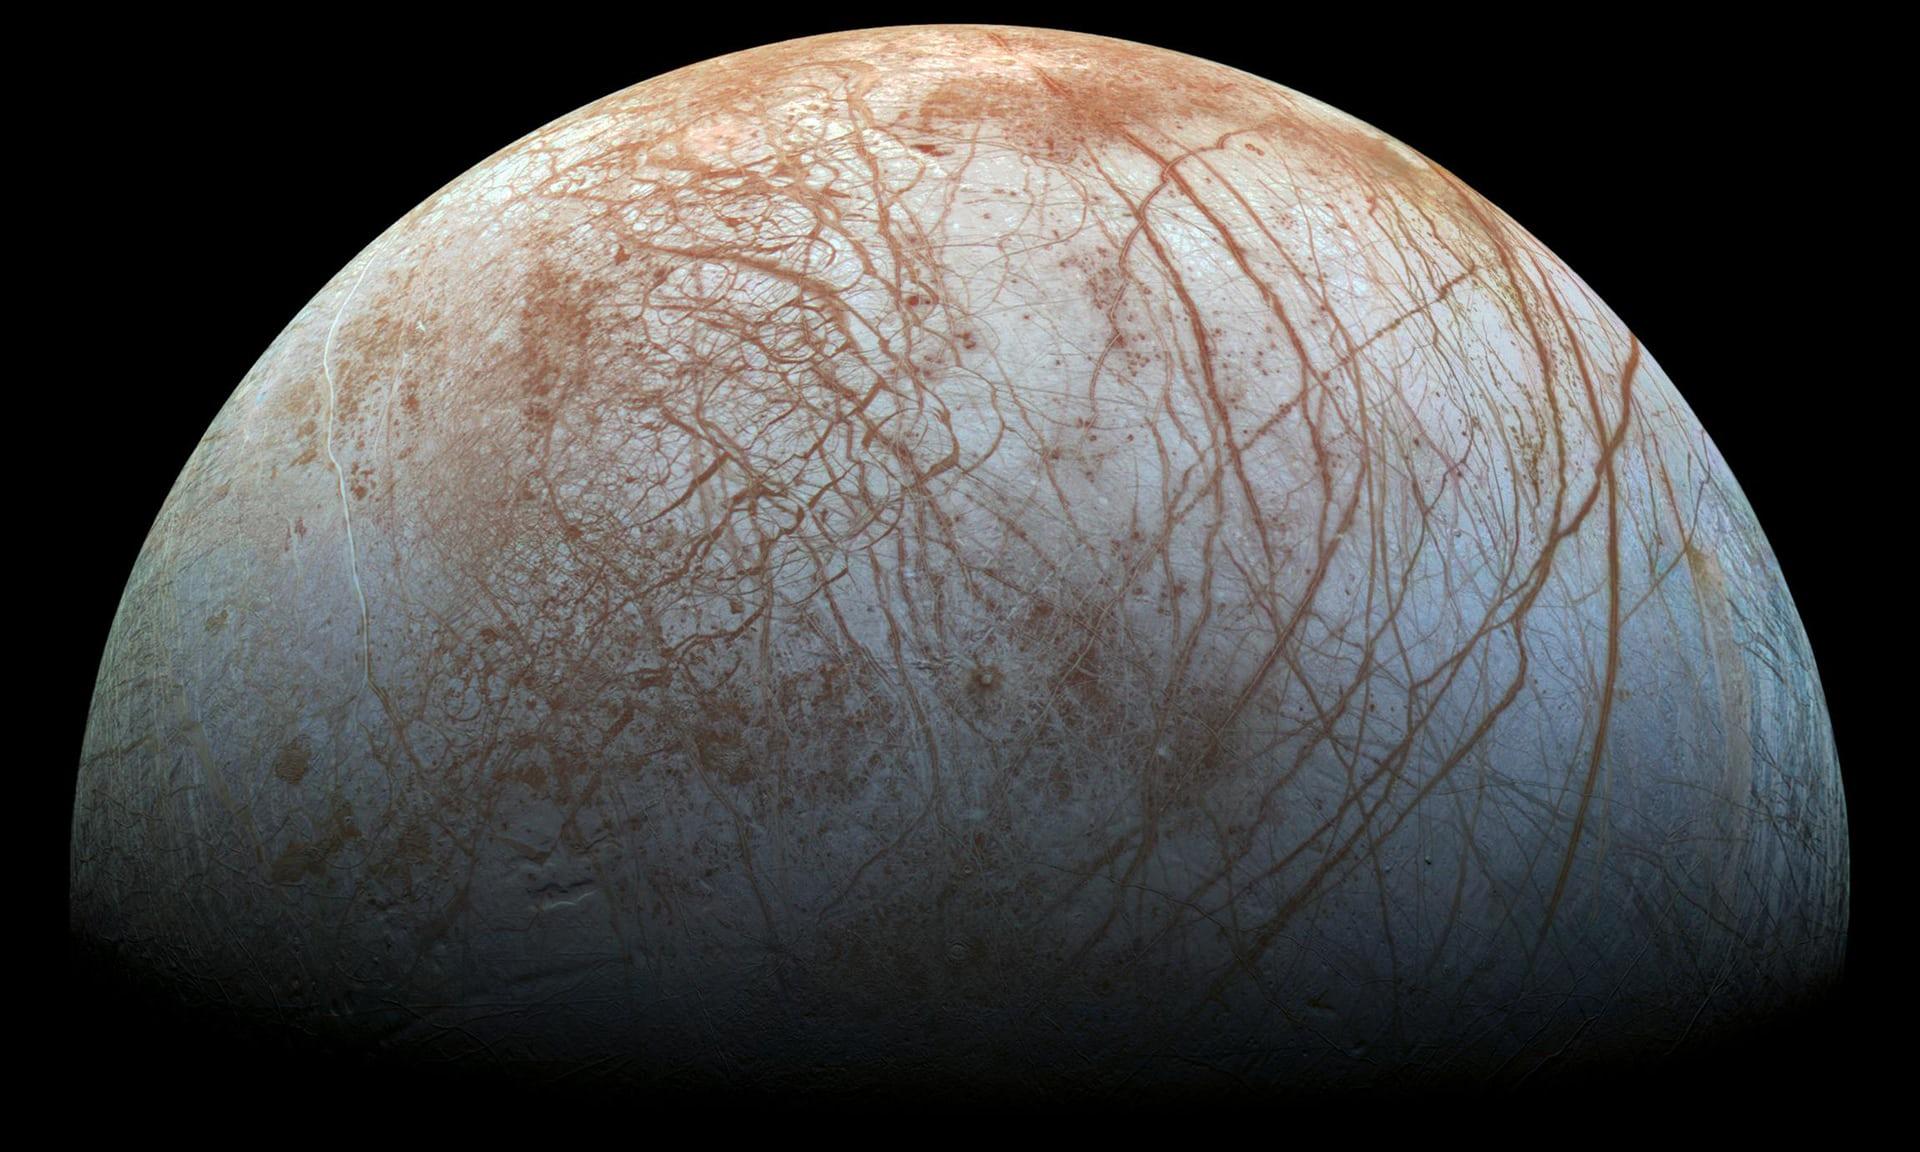 Европа – идеальное место для поисков внеземной жизни: ученые nasa Европа – идеальное место для поисков внеземной жизни: ученые NASA 2300